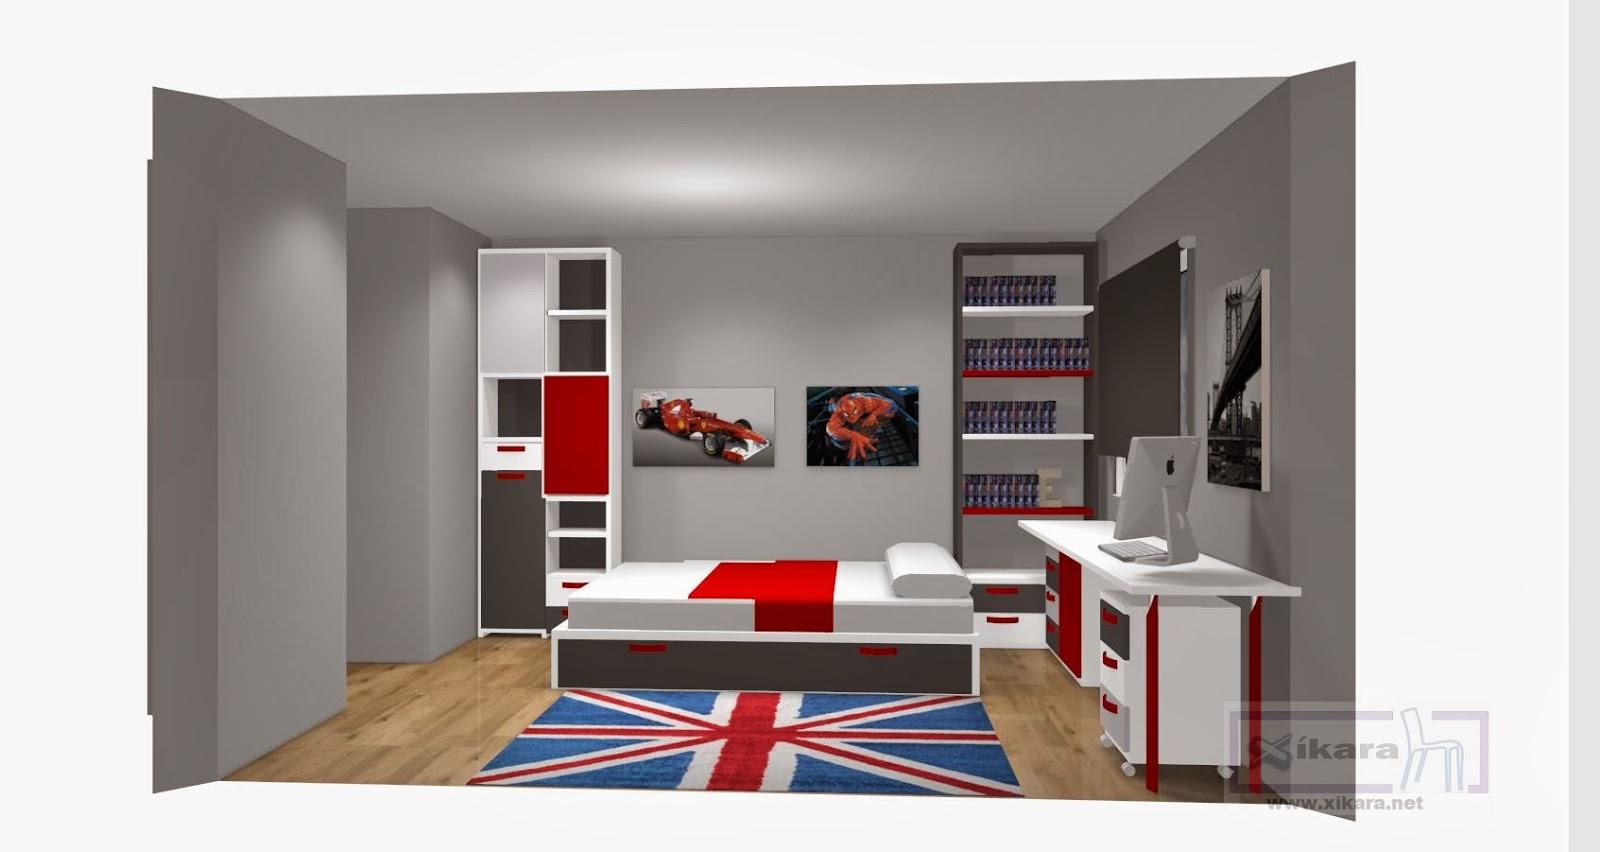 Dormitorios juveniles originales - Habitaciones juveniles originales ...